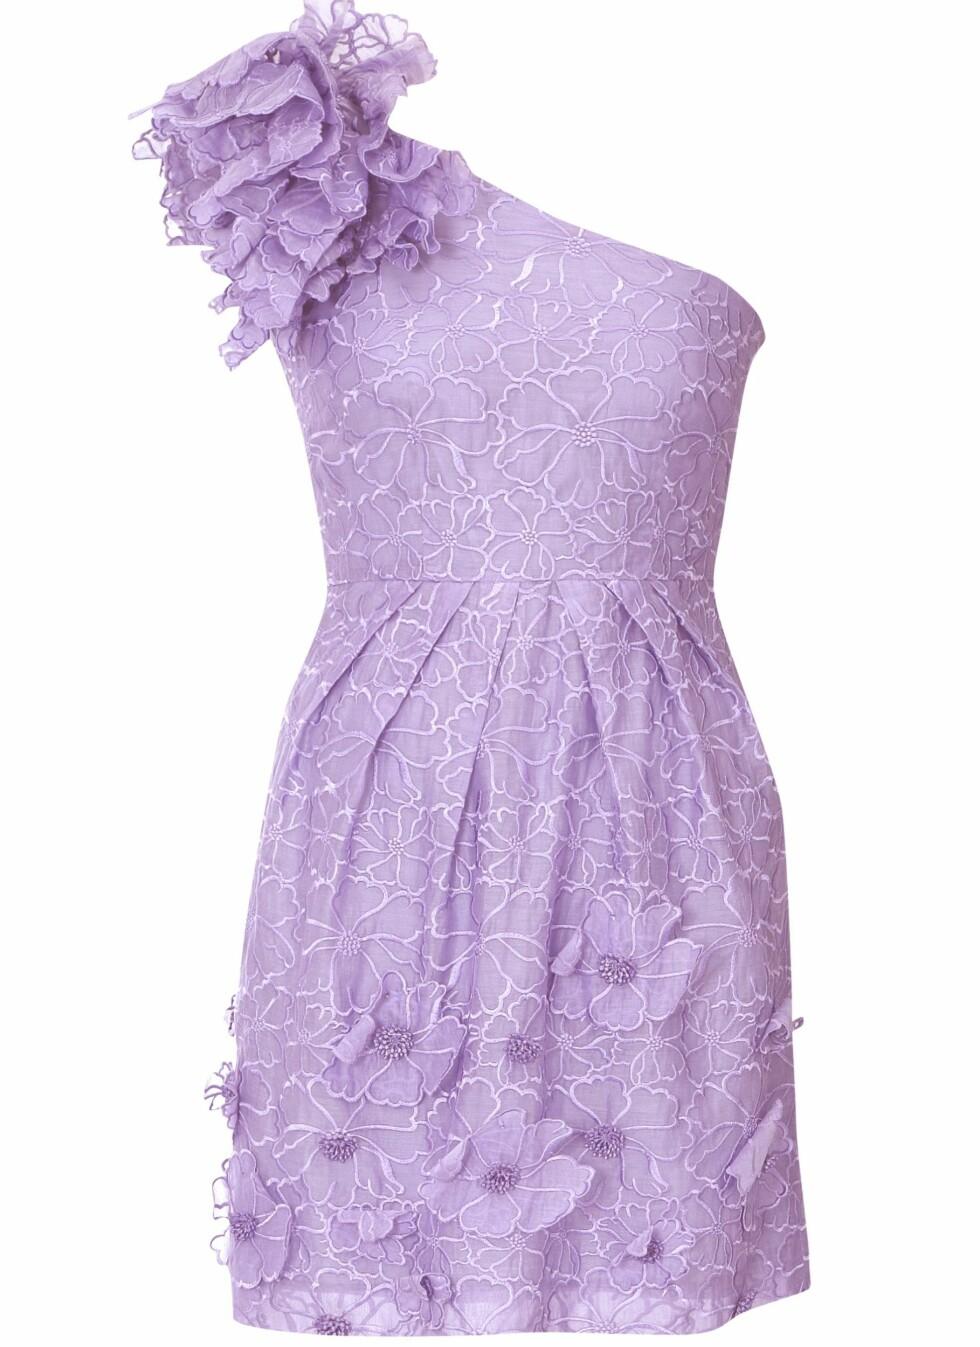 Lavendelfarget kjole med blomstermønster og -applikasjoner, kr 2399. Foto: Produsenten